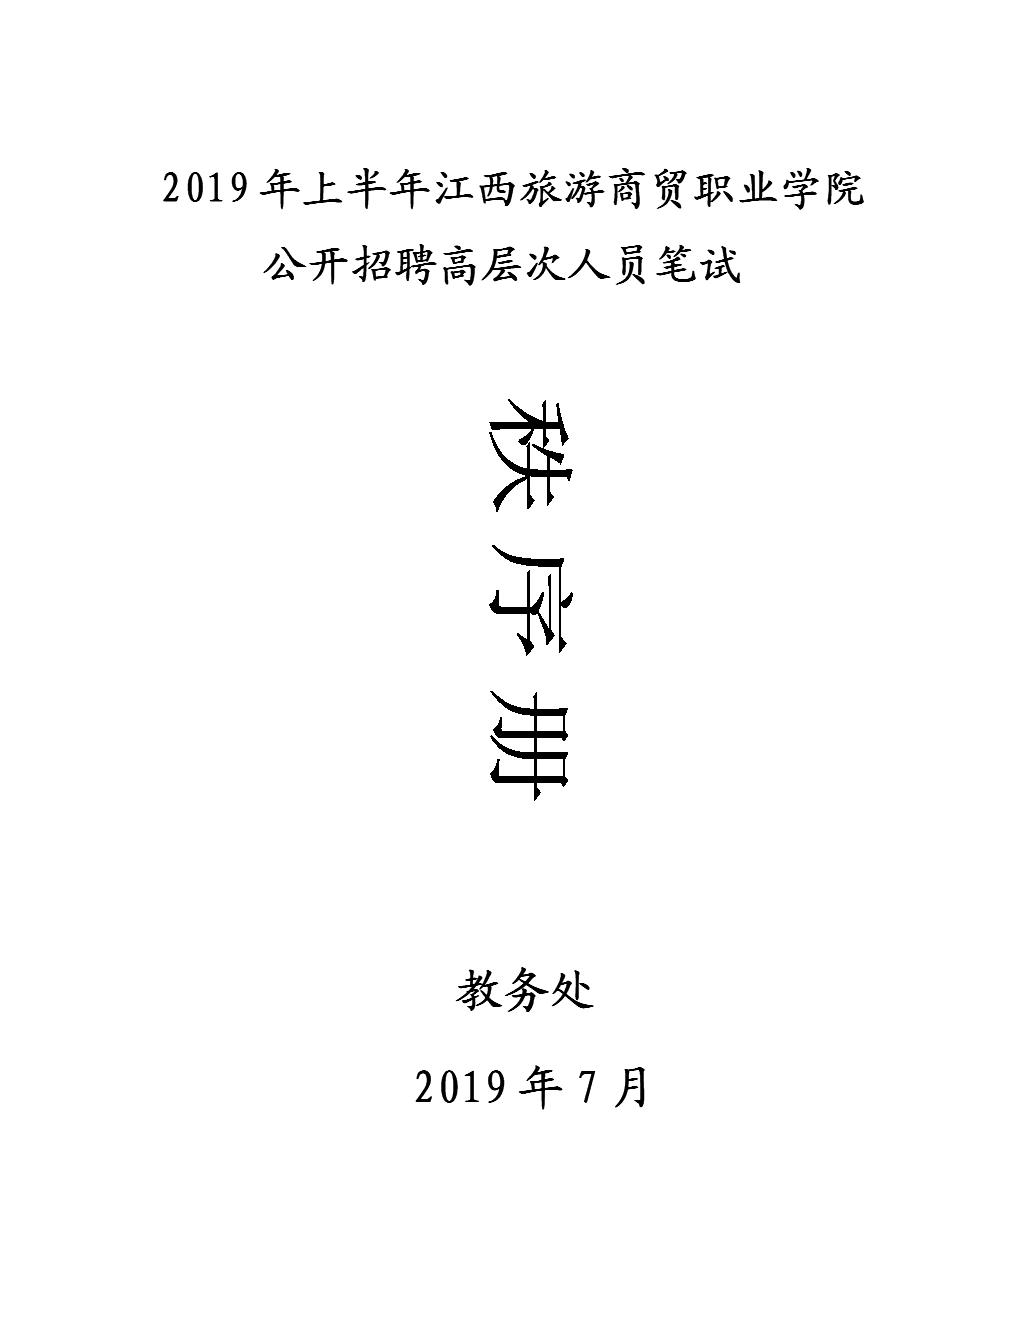 梦的翅膀-赖彪(赖仕林)(MP3歌词/LRC歌词) lrc歌词下载 第3张